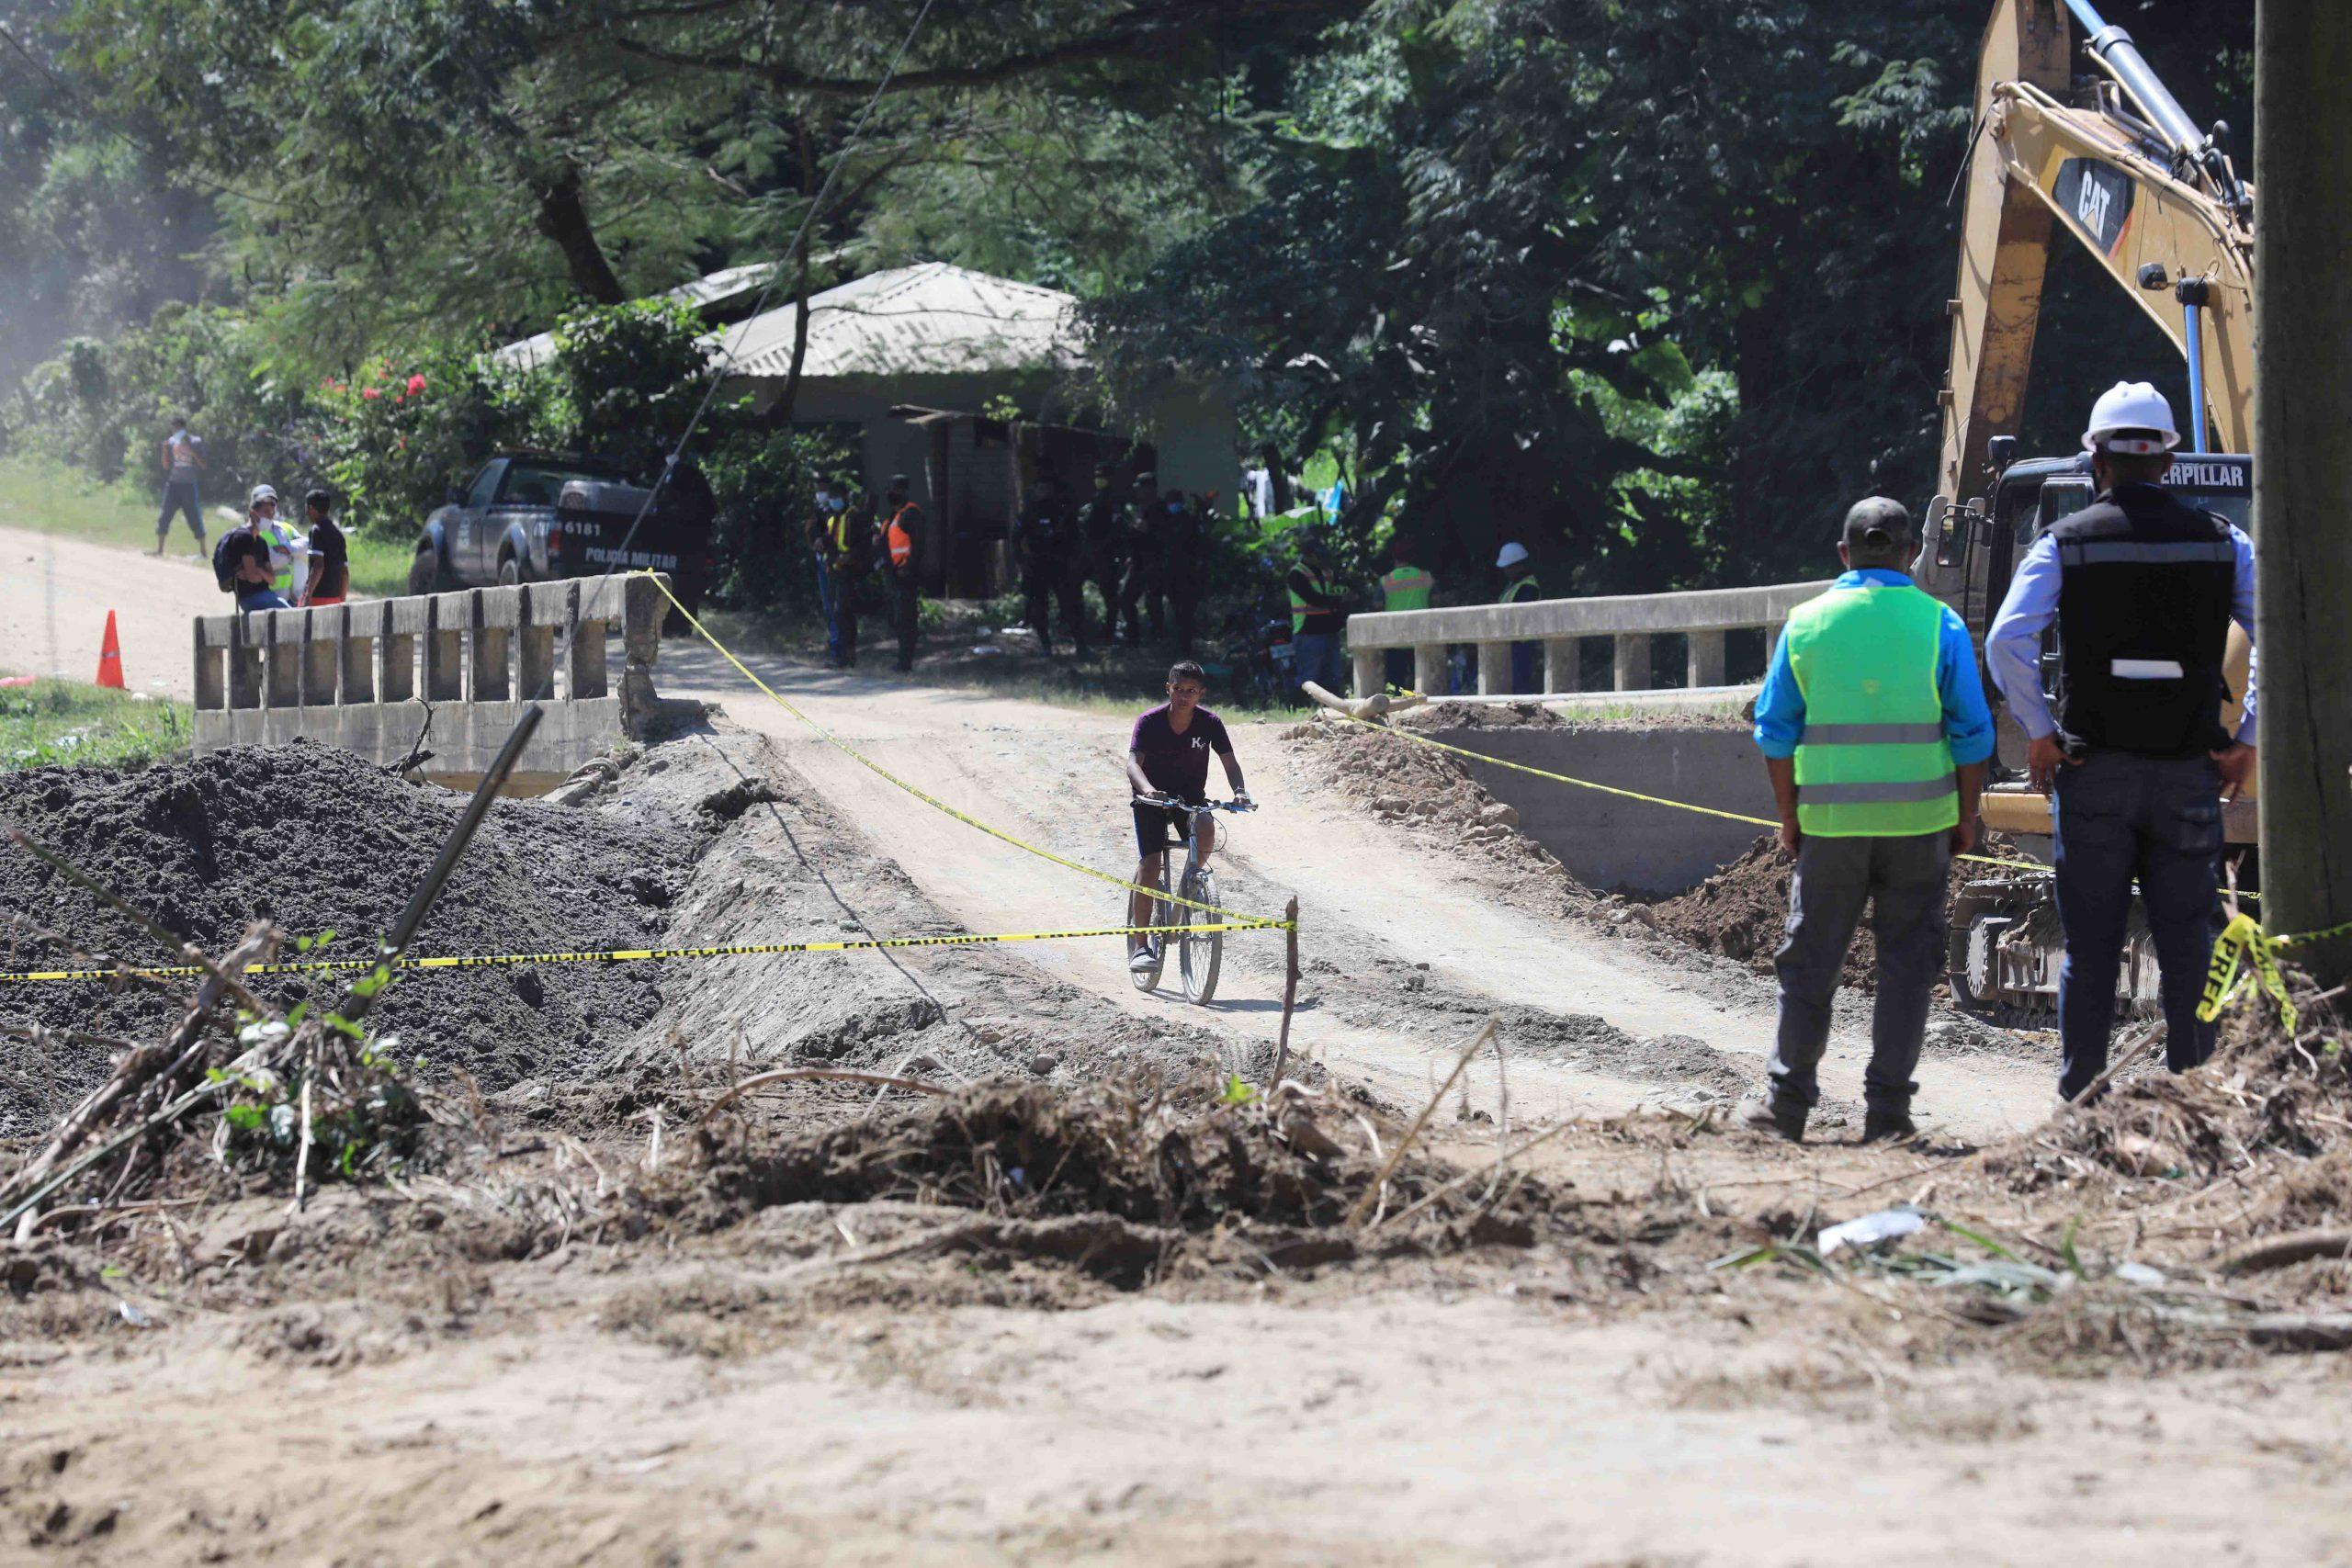 Liliana Castillo: El Gobierno debe implementar obras de infraestructura para generar empleo a los hondureños